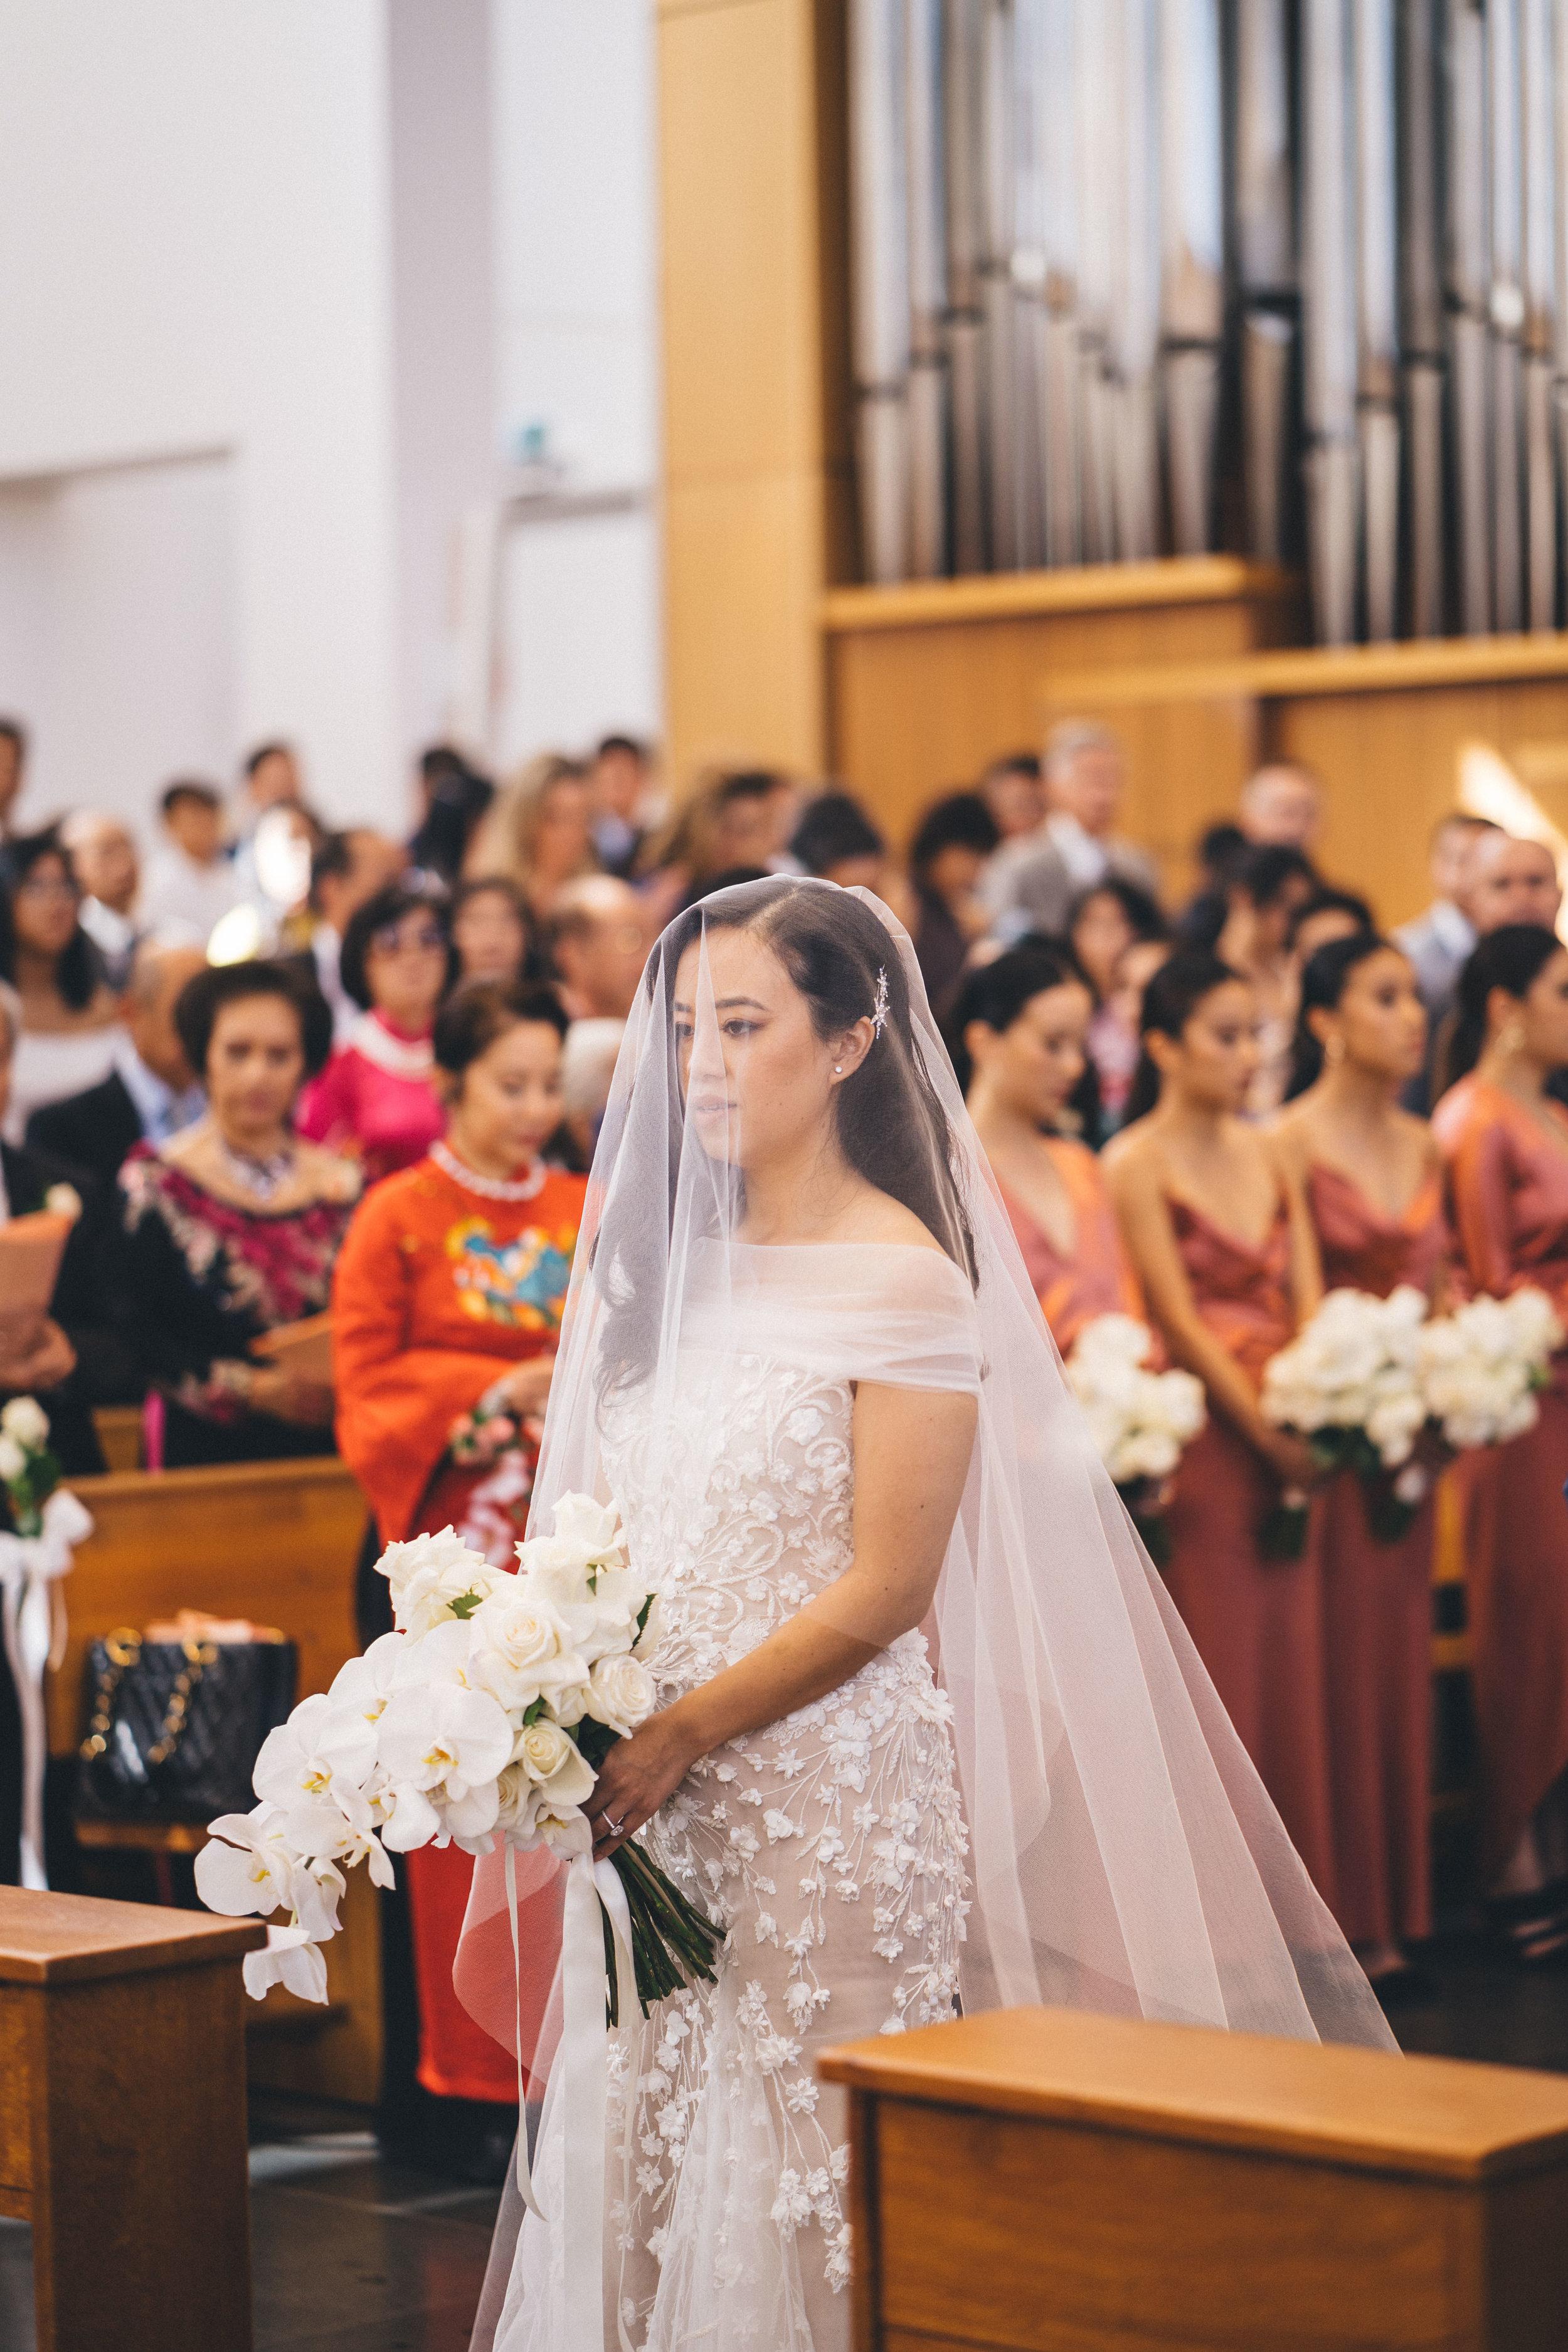 Annabelle-Phong-Wedding-HI-RES-0245.jpg